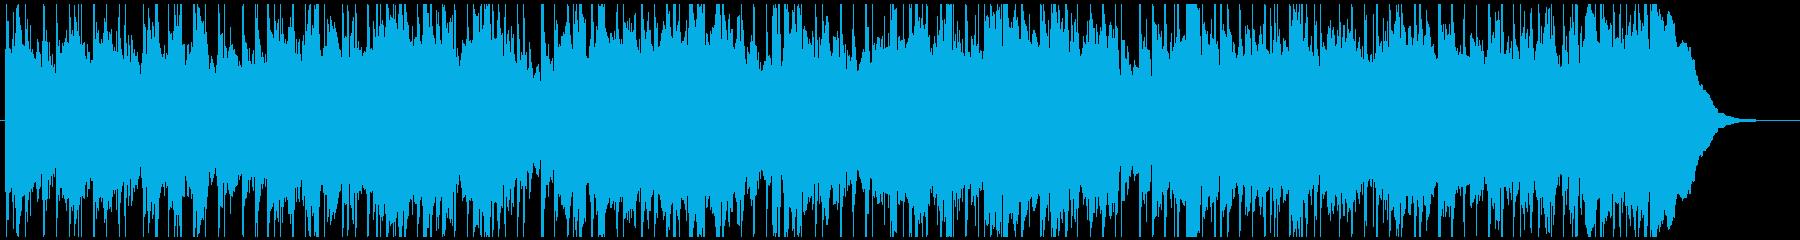 ほのぼのとした日常を感じるチェロのBGMの再生済みの波形